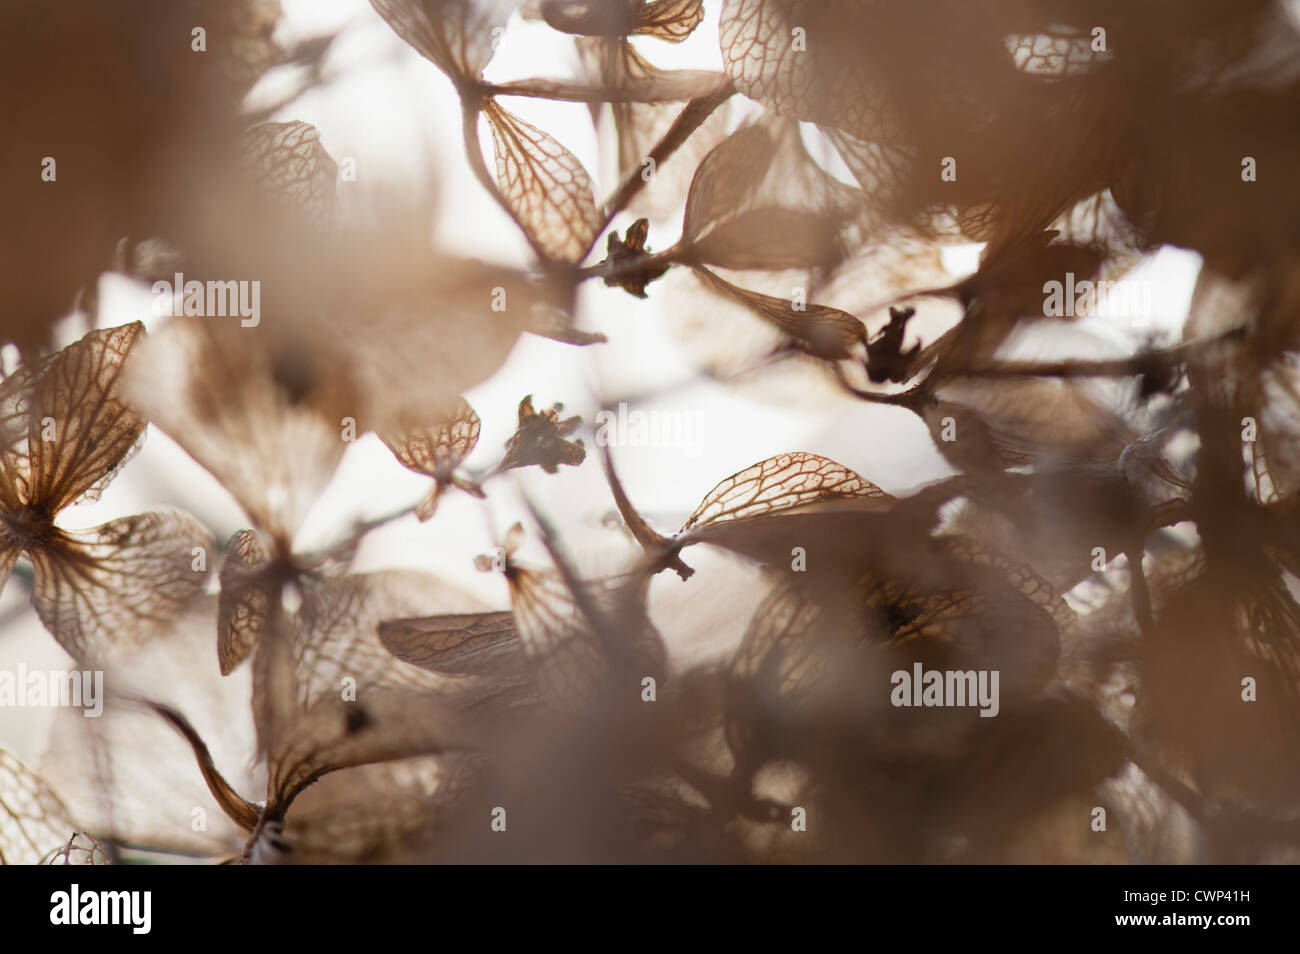 Brittle hydrangea flowers in winter Stock Photo